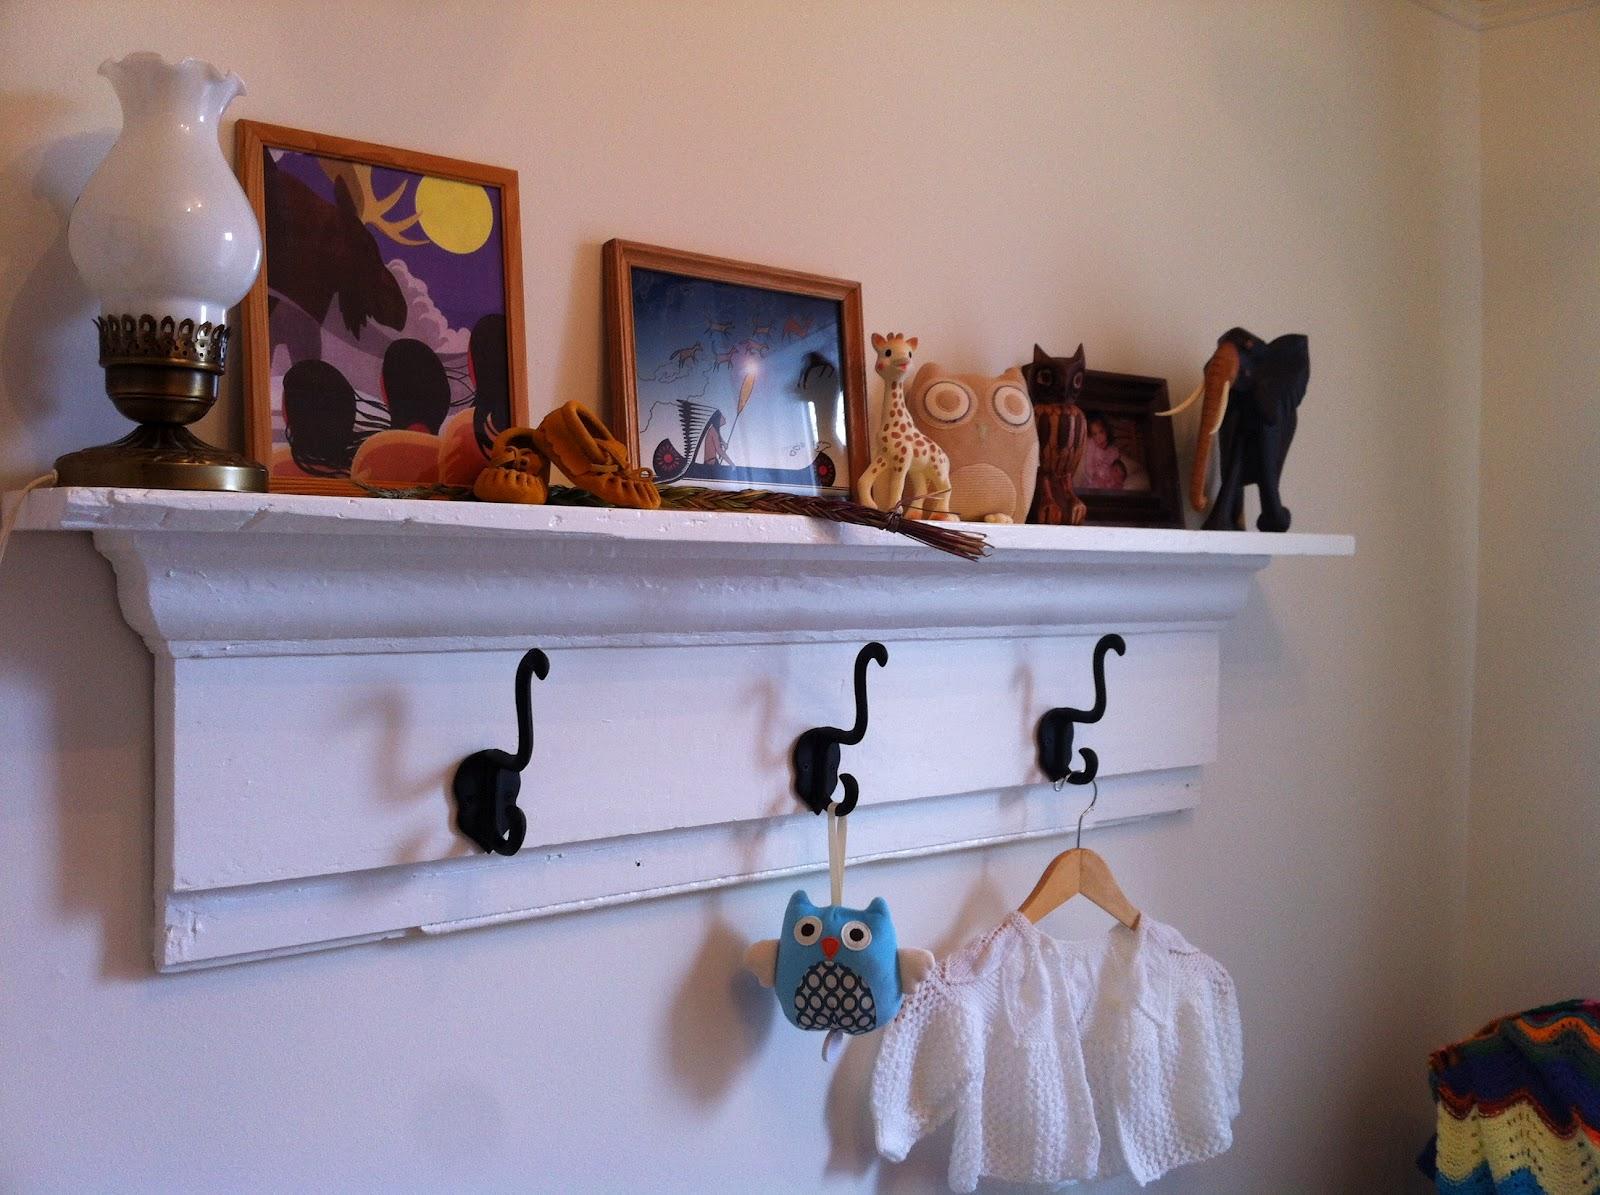 pdf diy diy mantel shelf plans download diy leaning. Black Bedroom Furniture Sets. Home Design Ideas